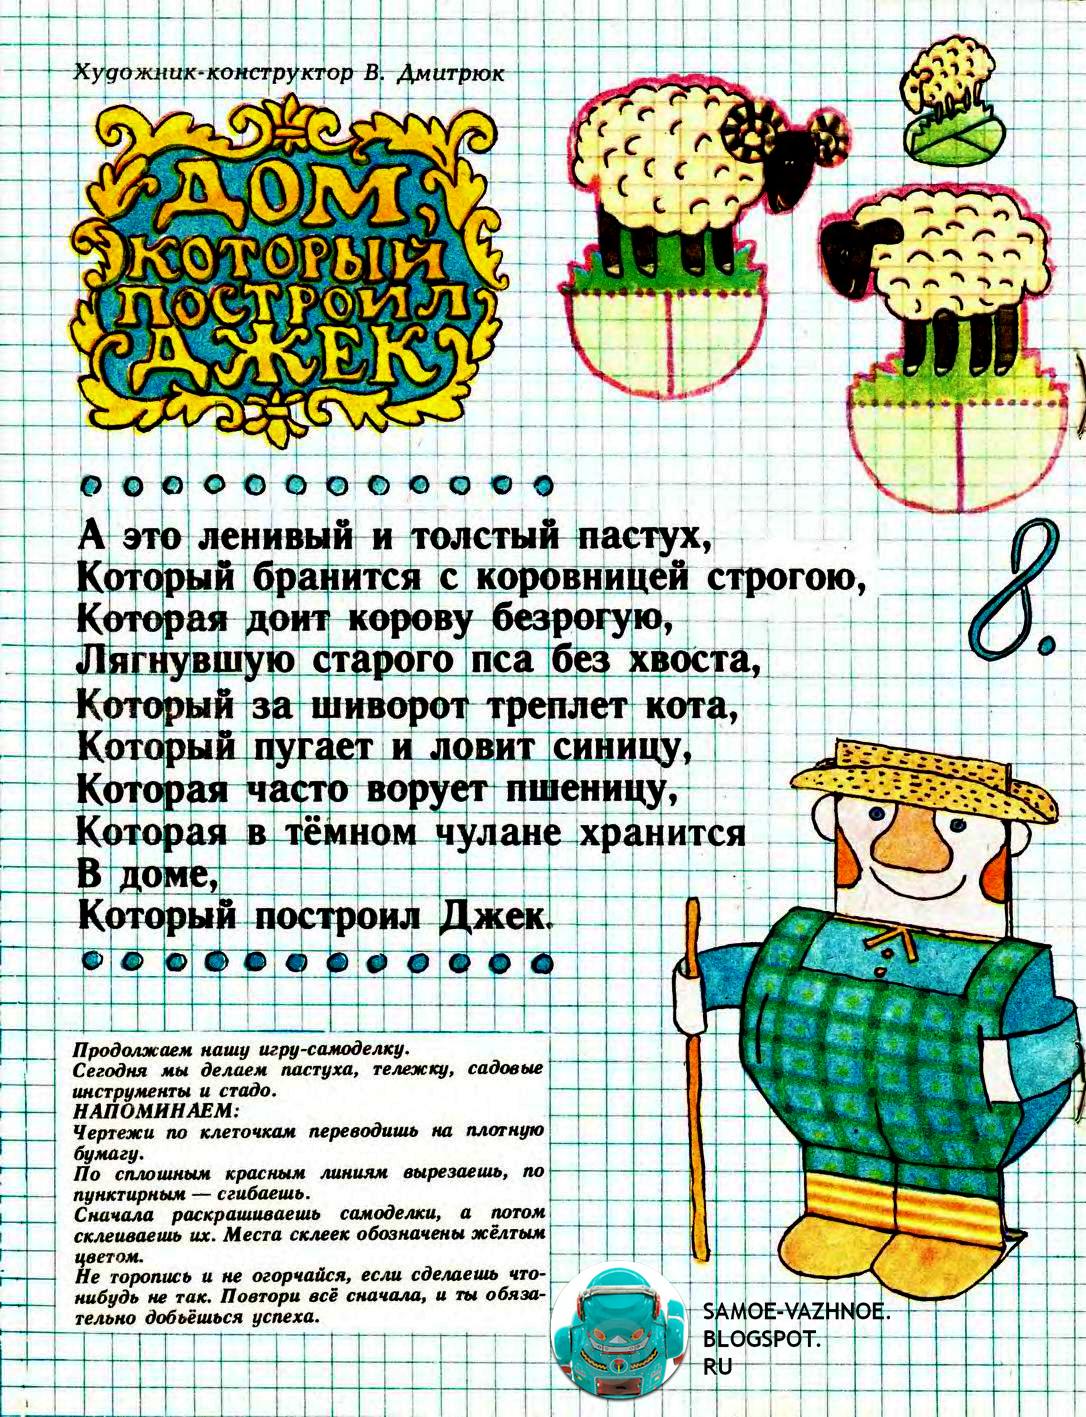 ОВЕЧКИ. дом который построил джек веселые картинки (№8, 1987)